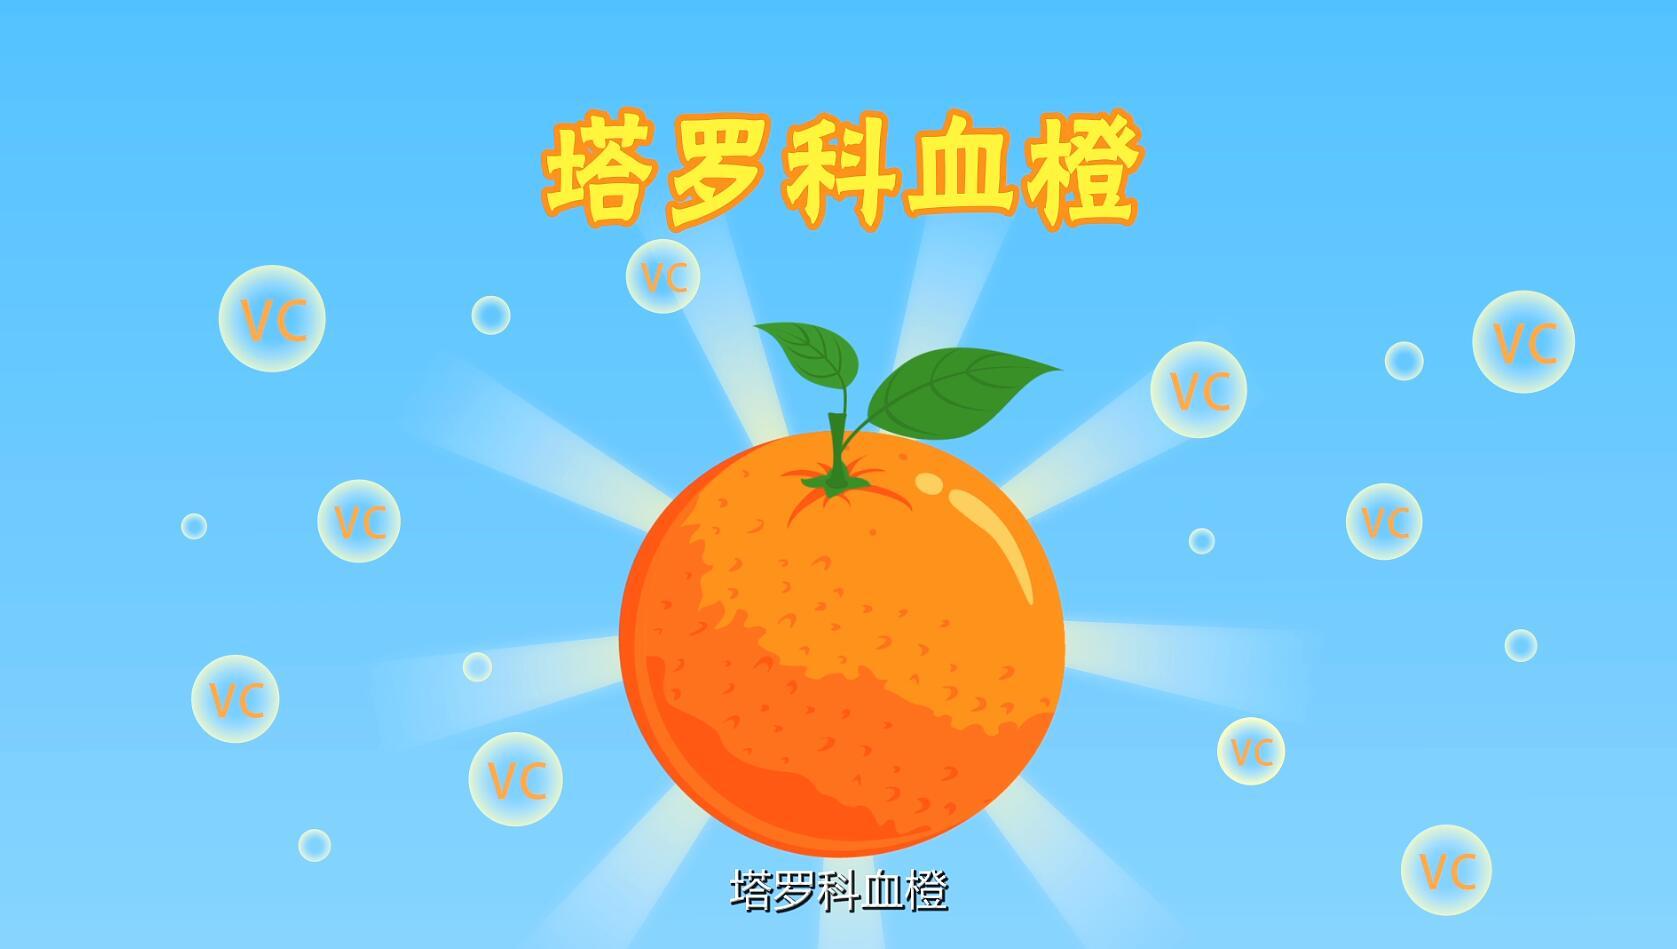 三峡恋橙,橙心诚意2.jpg